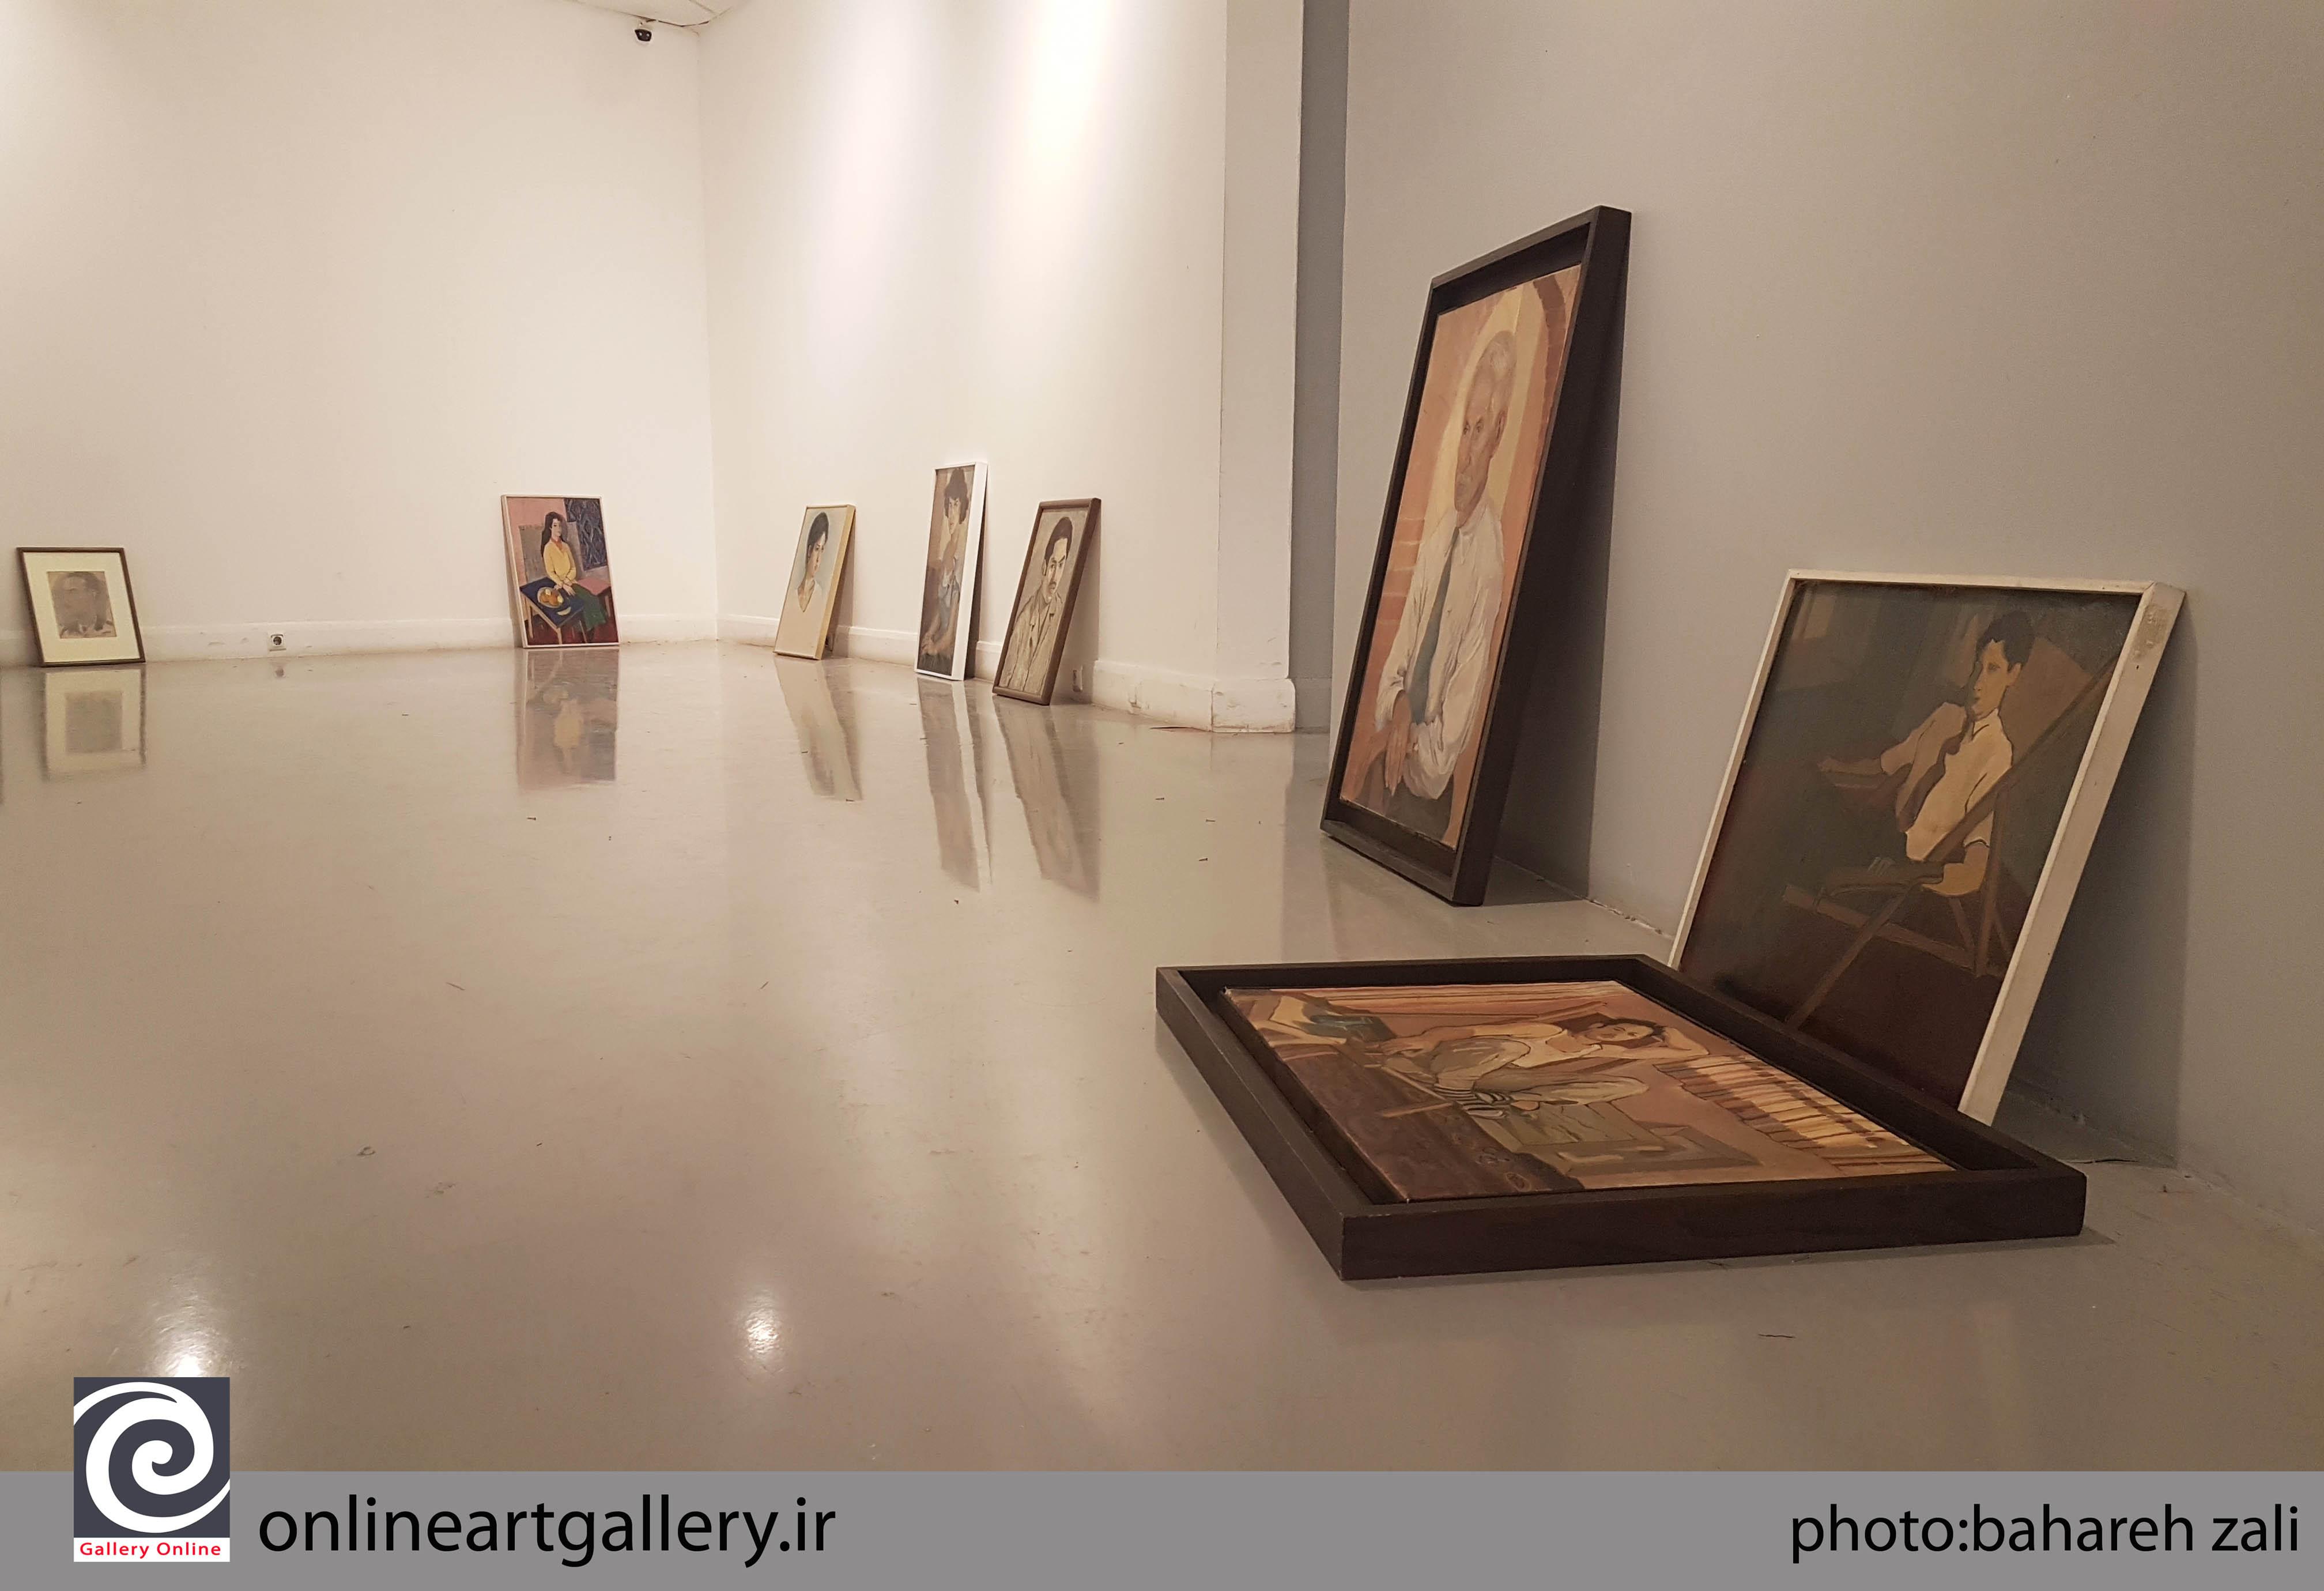 گزارش تصویری از چیدمان نمایشگاه اثار استاد جوادی پور در خانه هنرمندان ایران